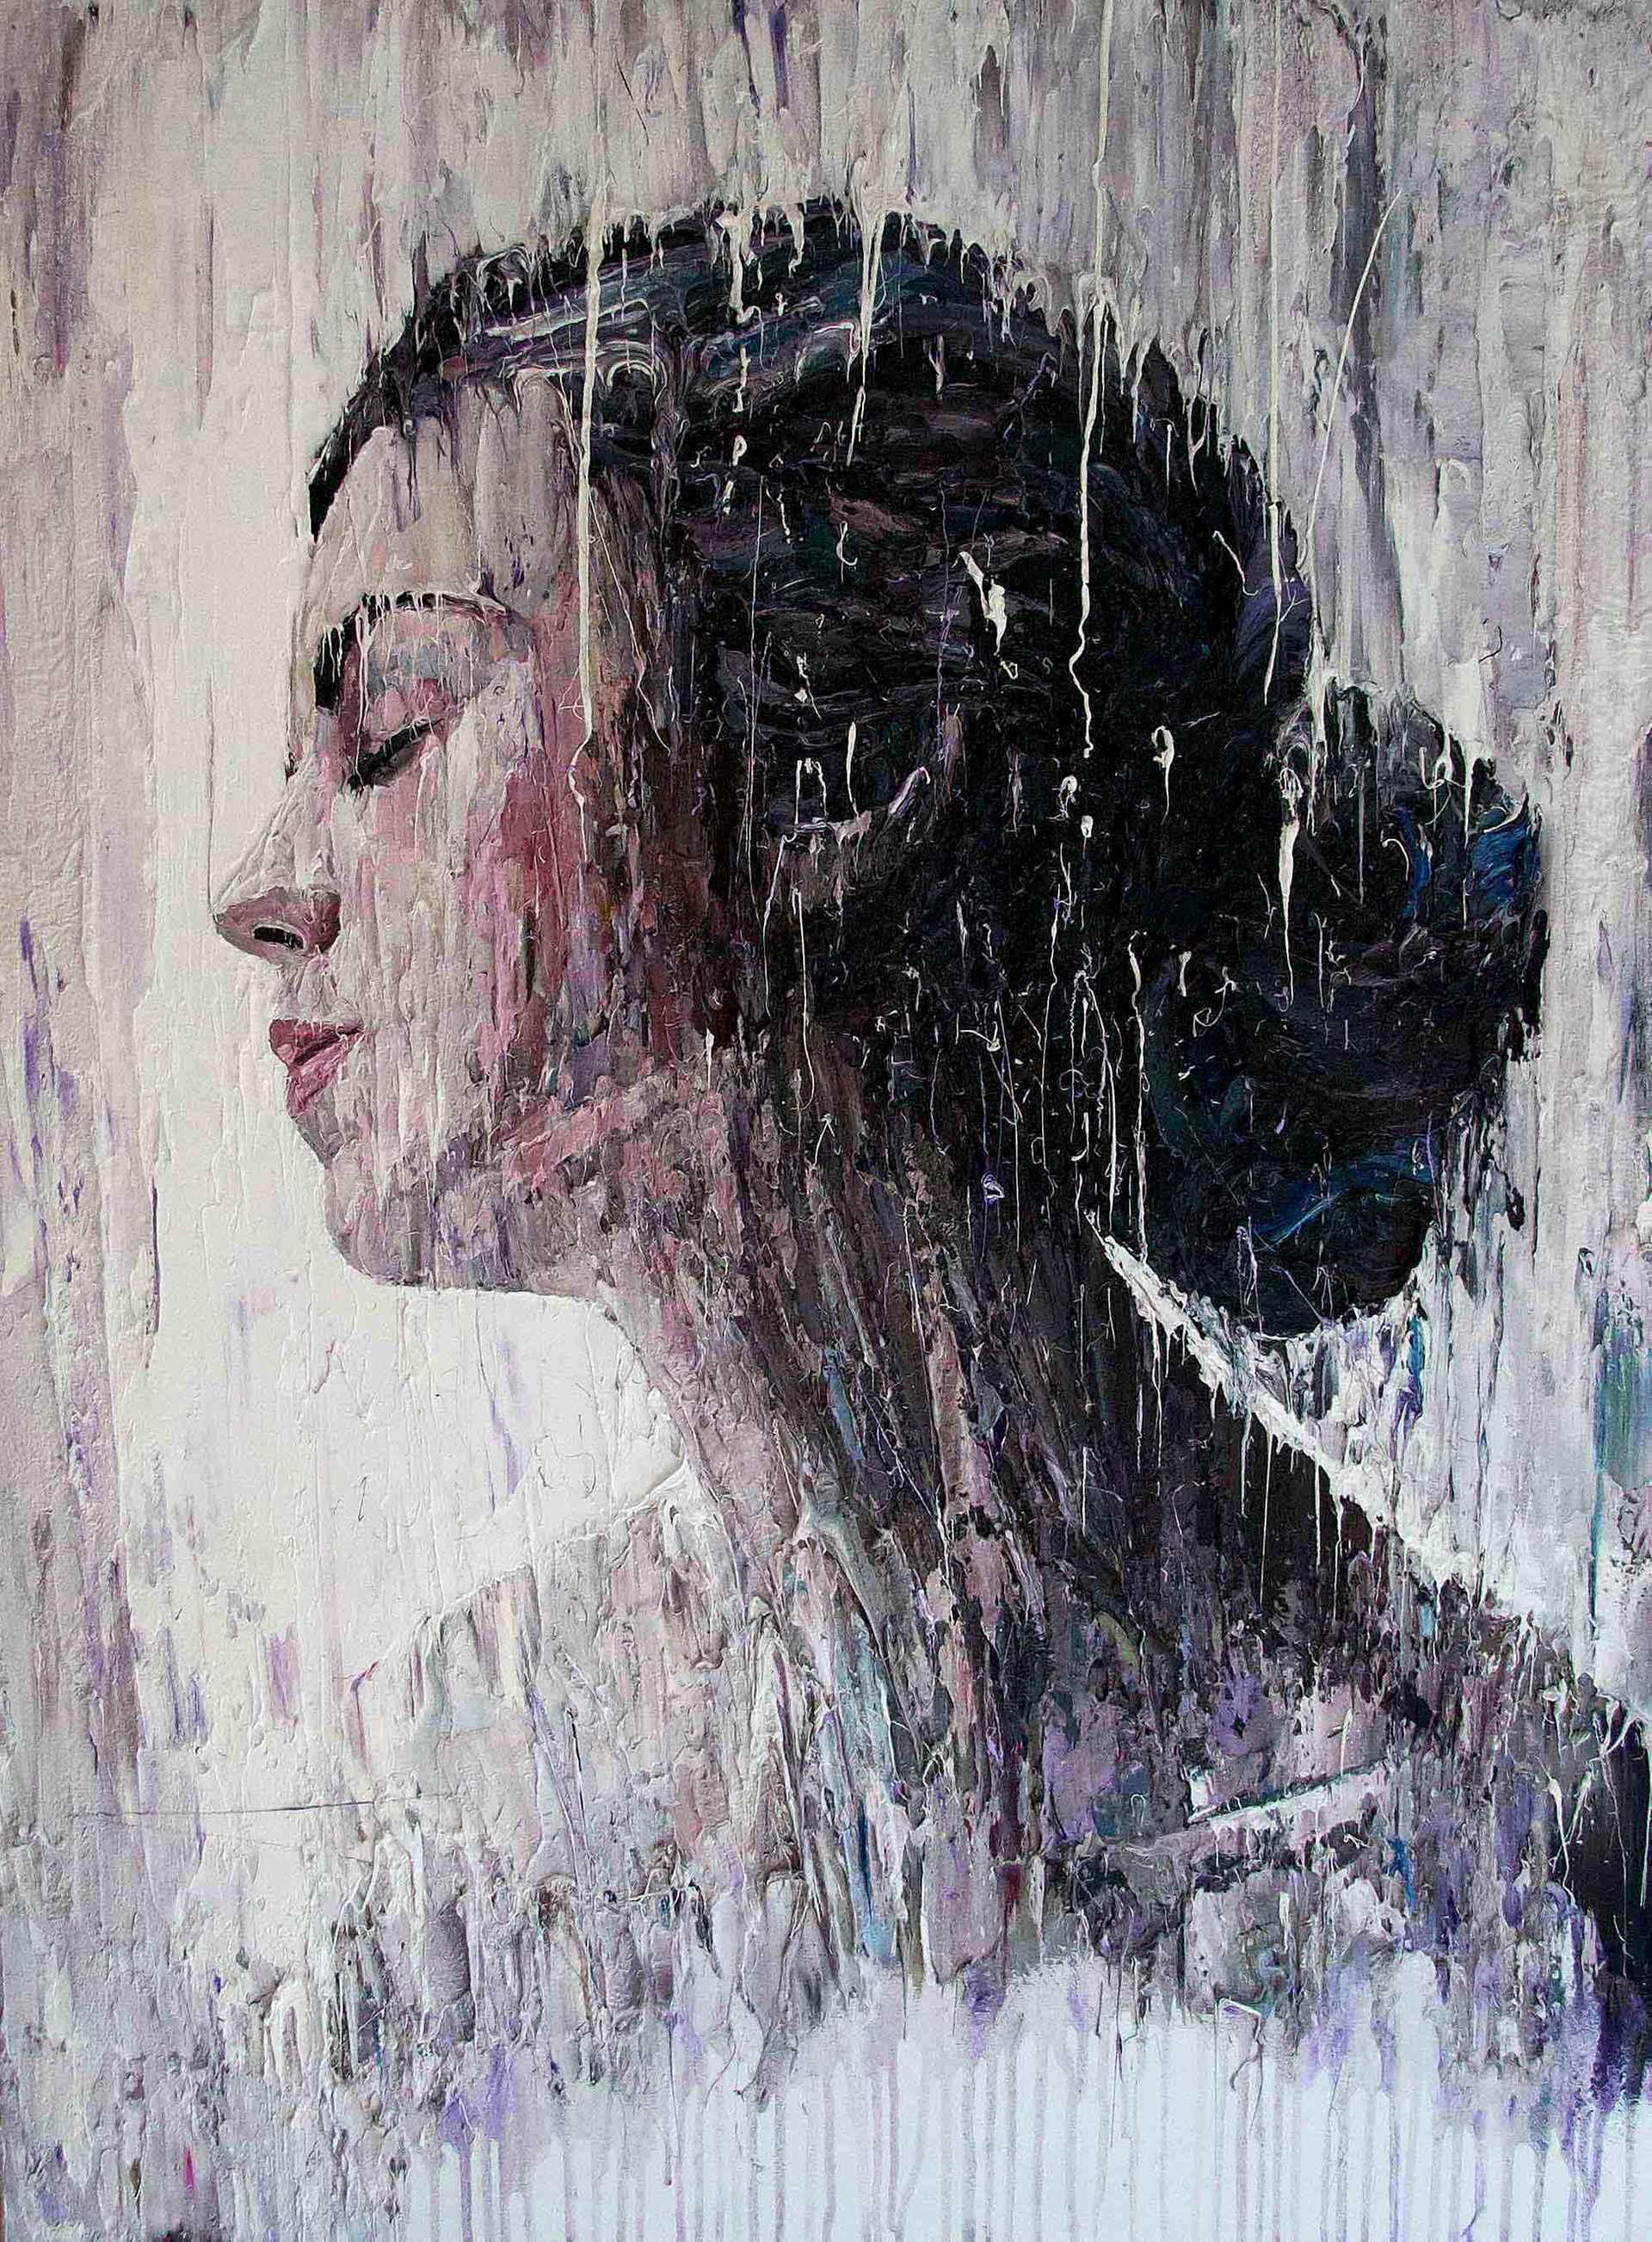 Aloisa by Carl Melegari